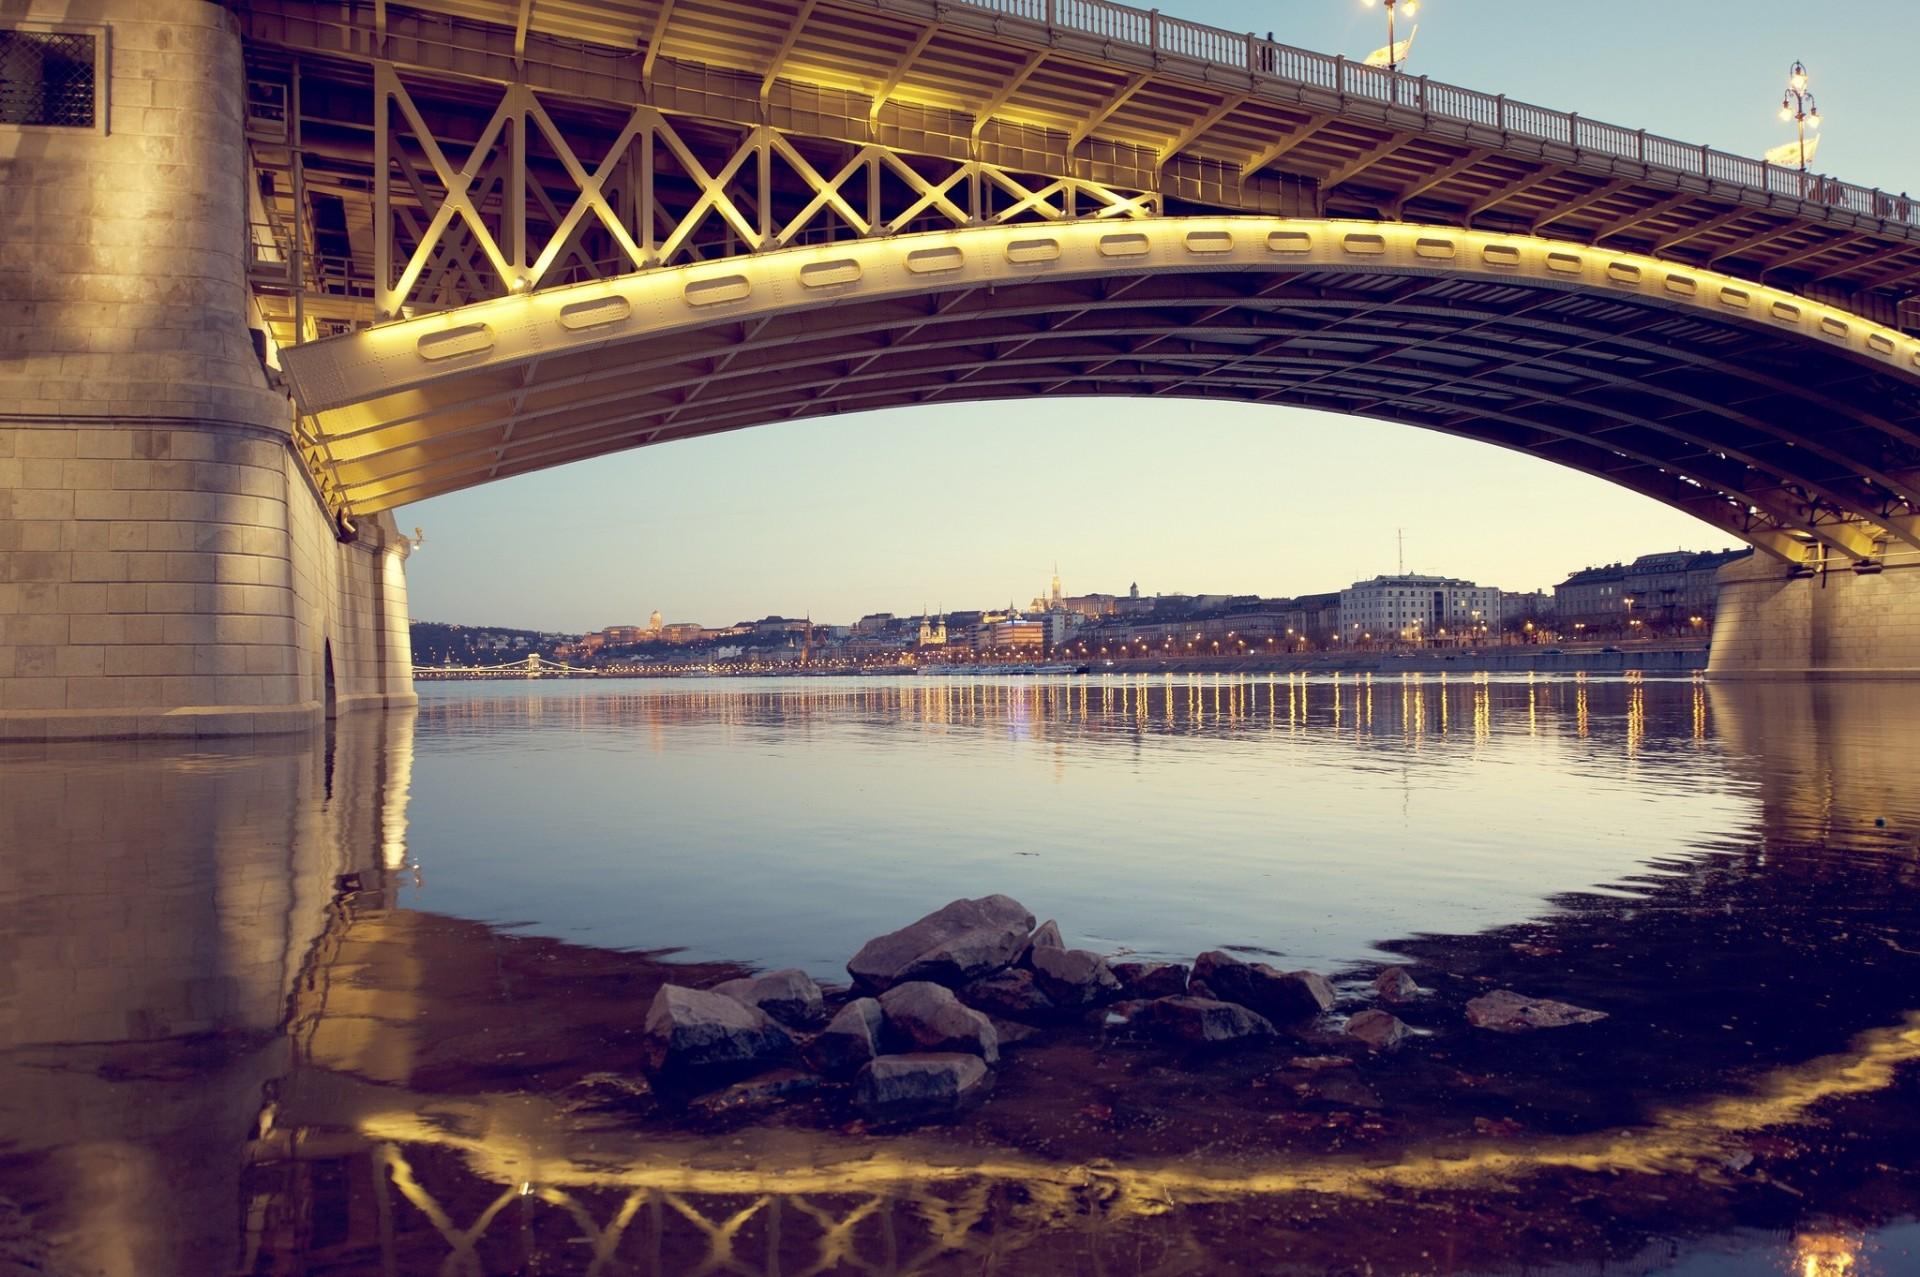 картинки реки под мостом кто какие